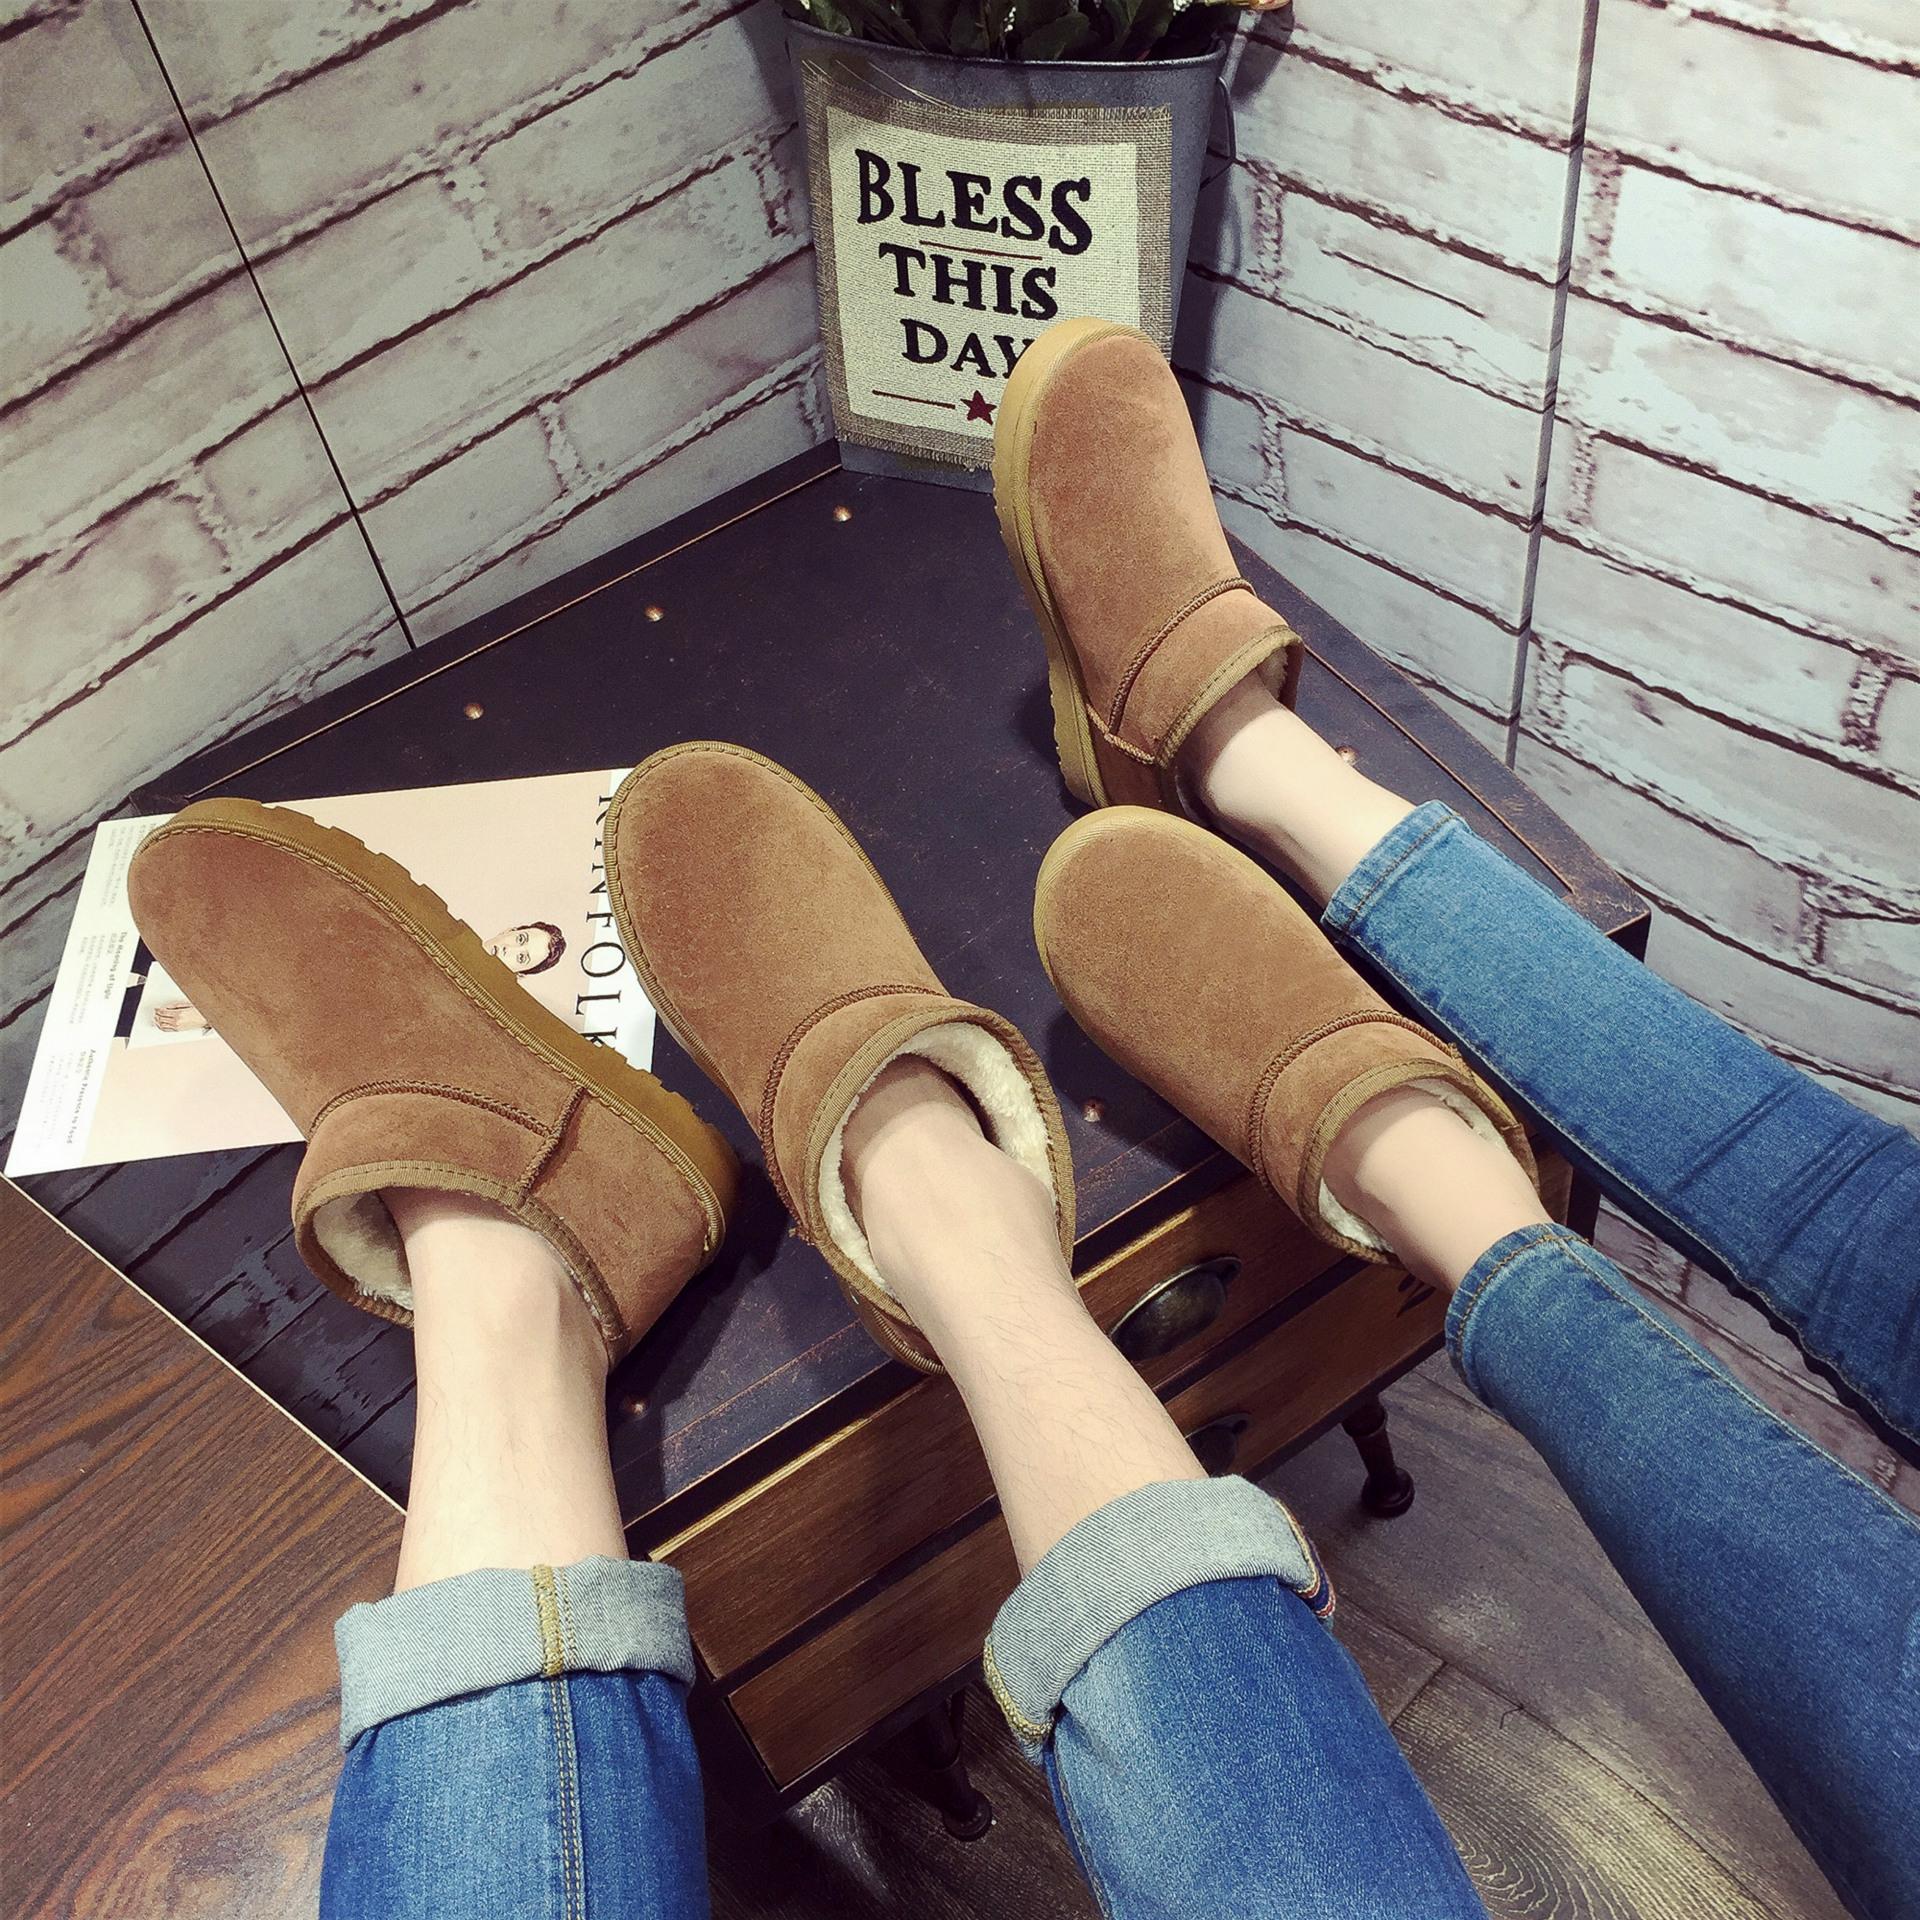 2017情侶鞋短靴大碼男鞋平底毛毛舒適雪地靴情侶款套腳棉鞋情侶鞋室內室外皆可穿